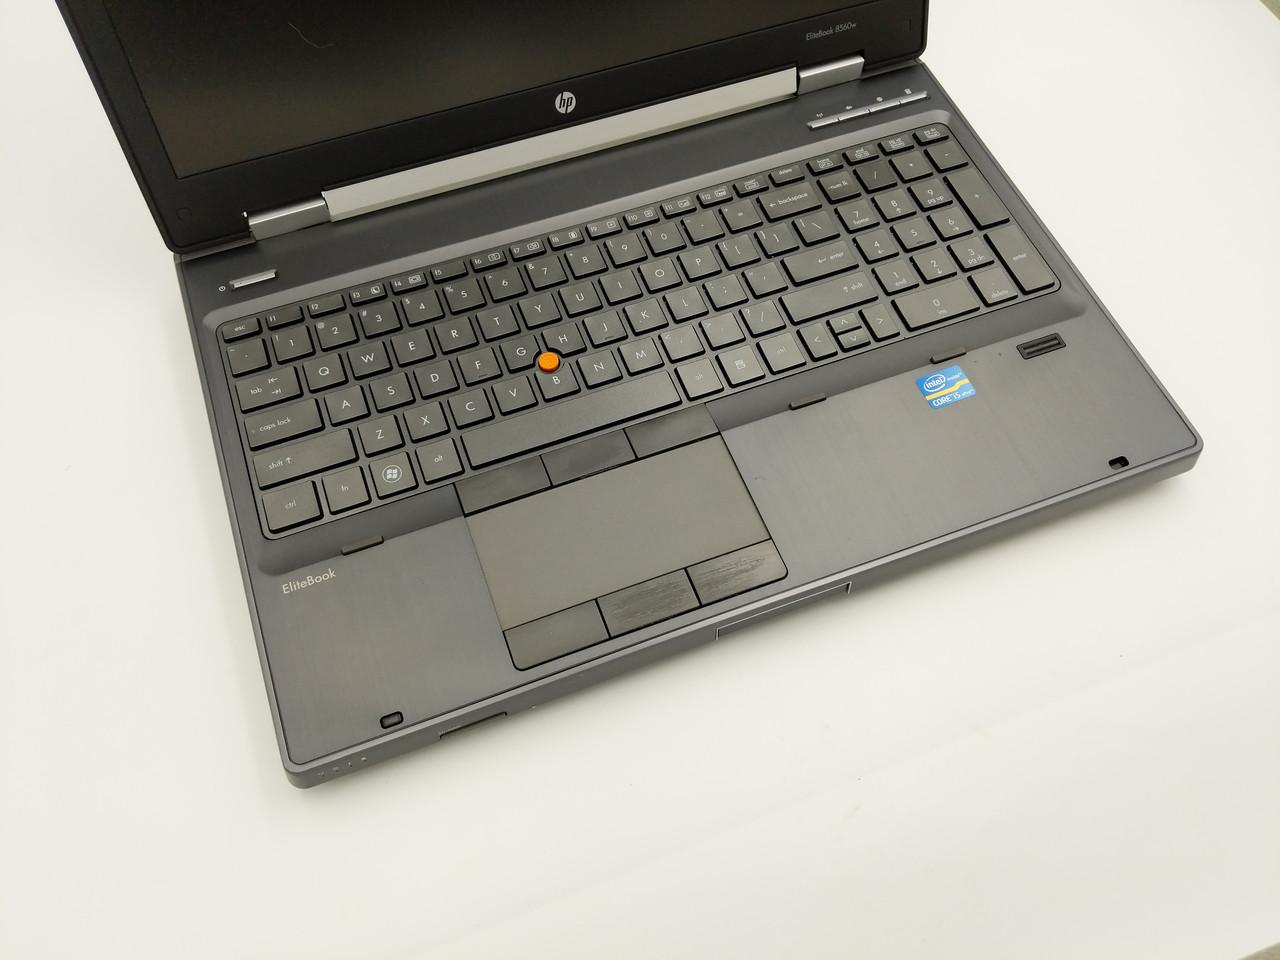 Б/У HP EliteBook 8560w 15.6″ HD+ i5-2540M /DDR3 8 Gb /SSD 240Gb Нет в наличии 4